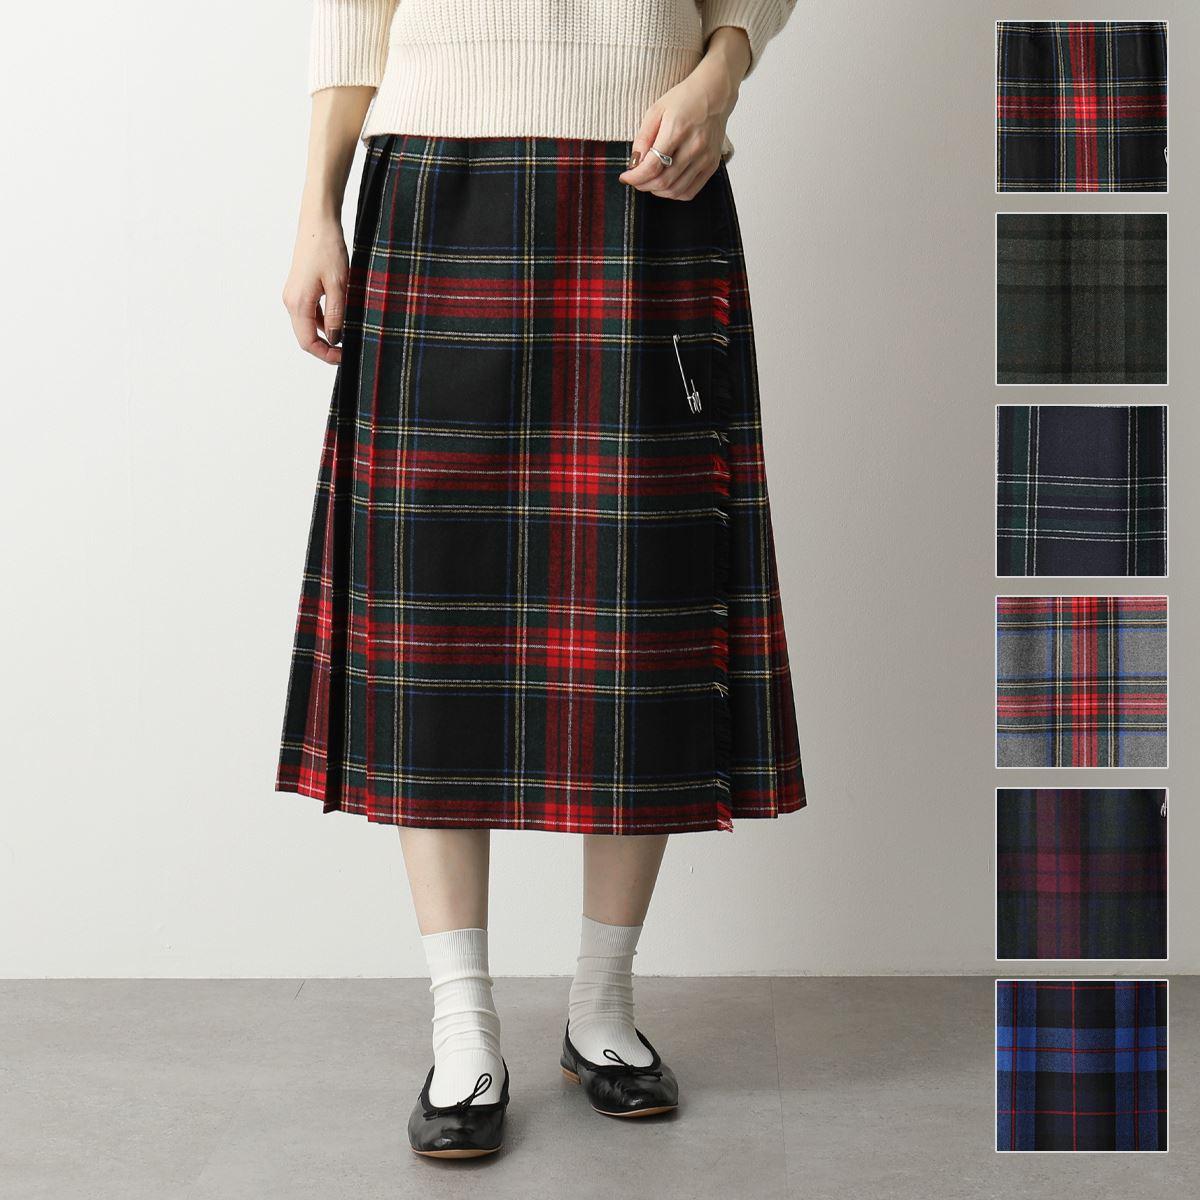 ONEIL OF DUBLIN オニールオブダブリン 73cm ウール×ポリエステル チェック柄 ミモレ丈 スカート シングルベルト Wバックル カラー5色 レディース